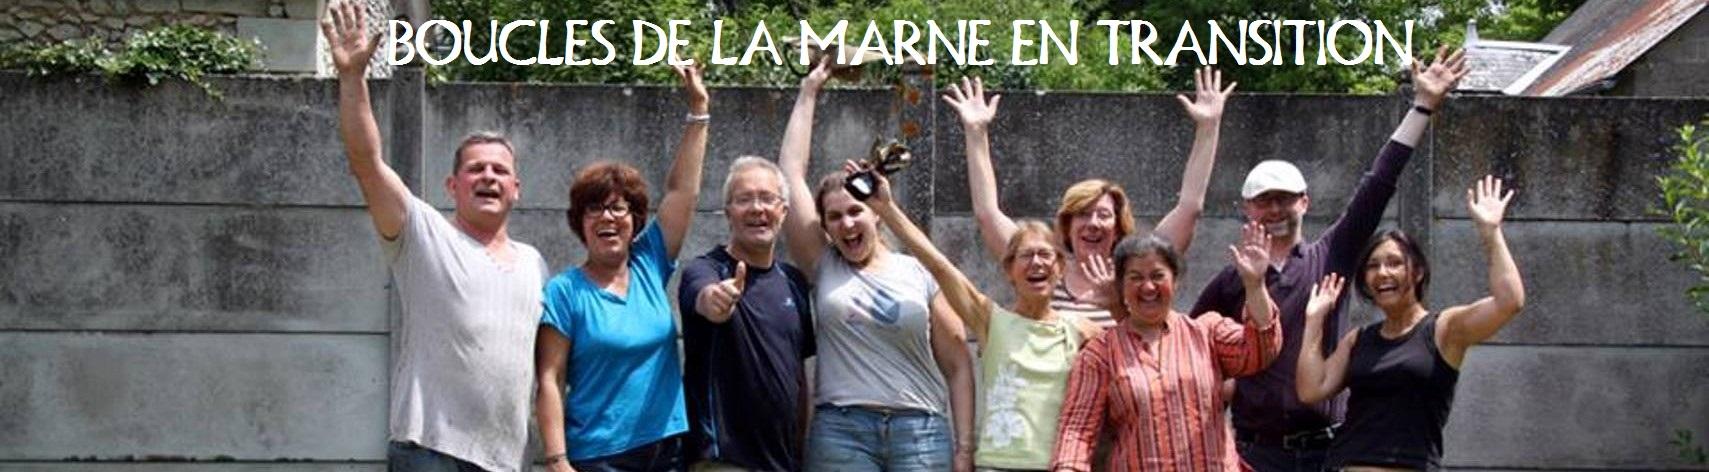 RDV le 12/12/15 Animation COP 21 au Perreux/Marne par Boucles de la Marne